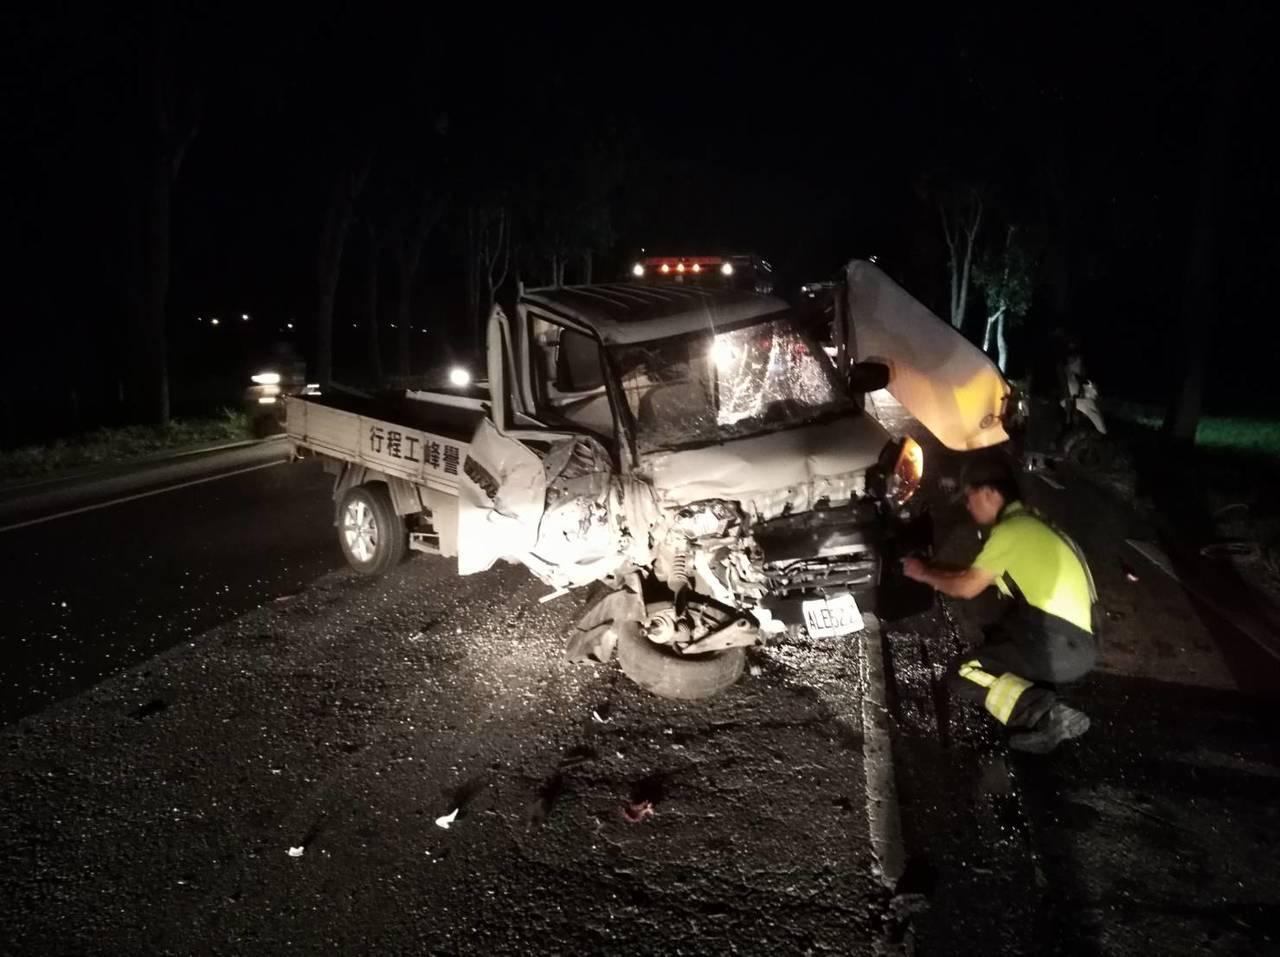 台9線288.6公里處花蓮玉里段,今晚發生小貨車自撞事故。圖/花蓮縣消防局提供